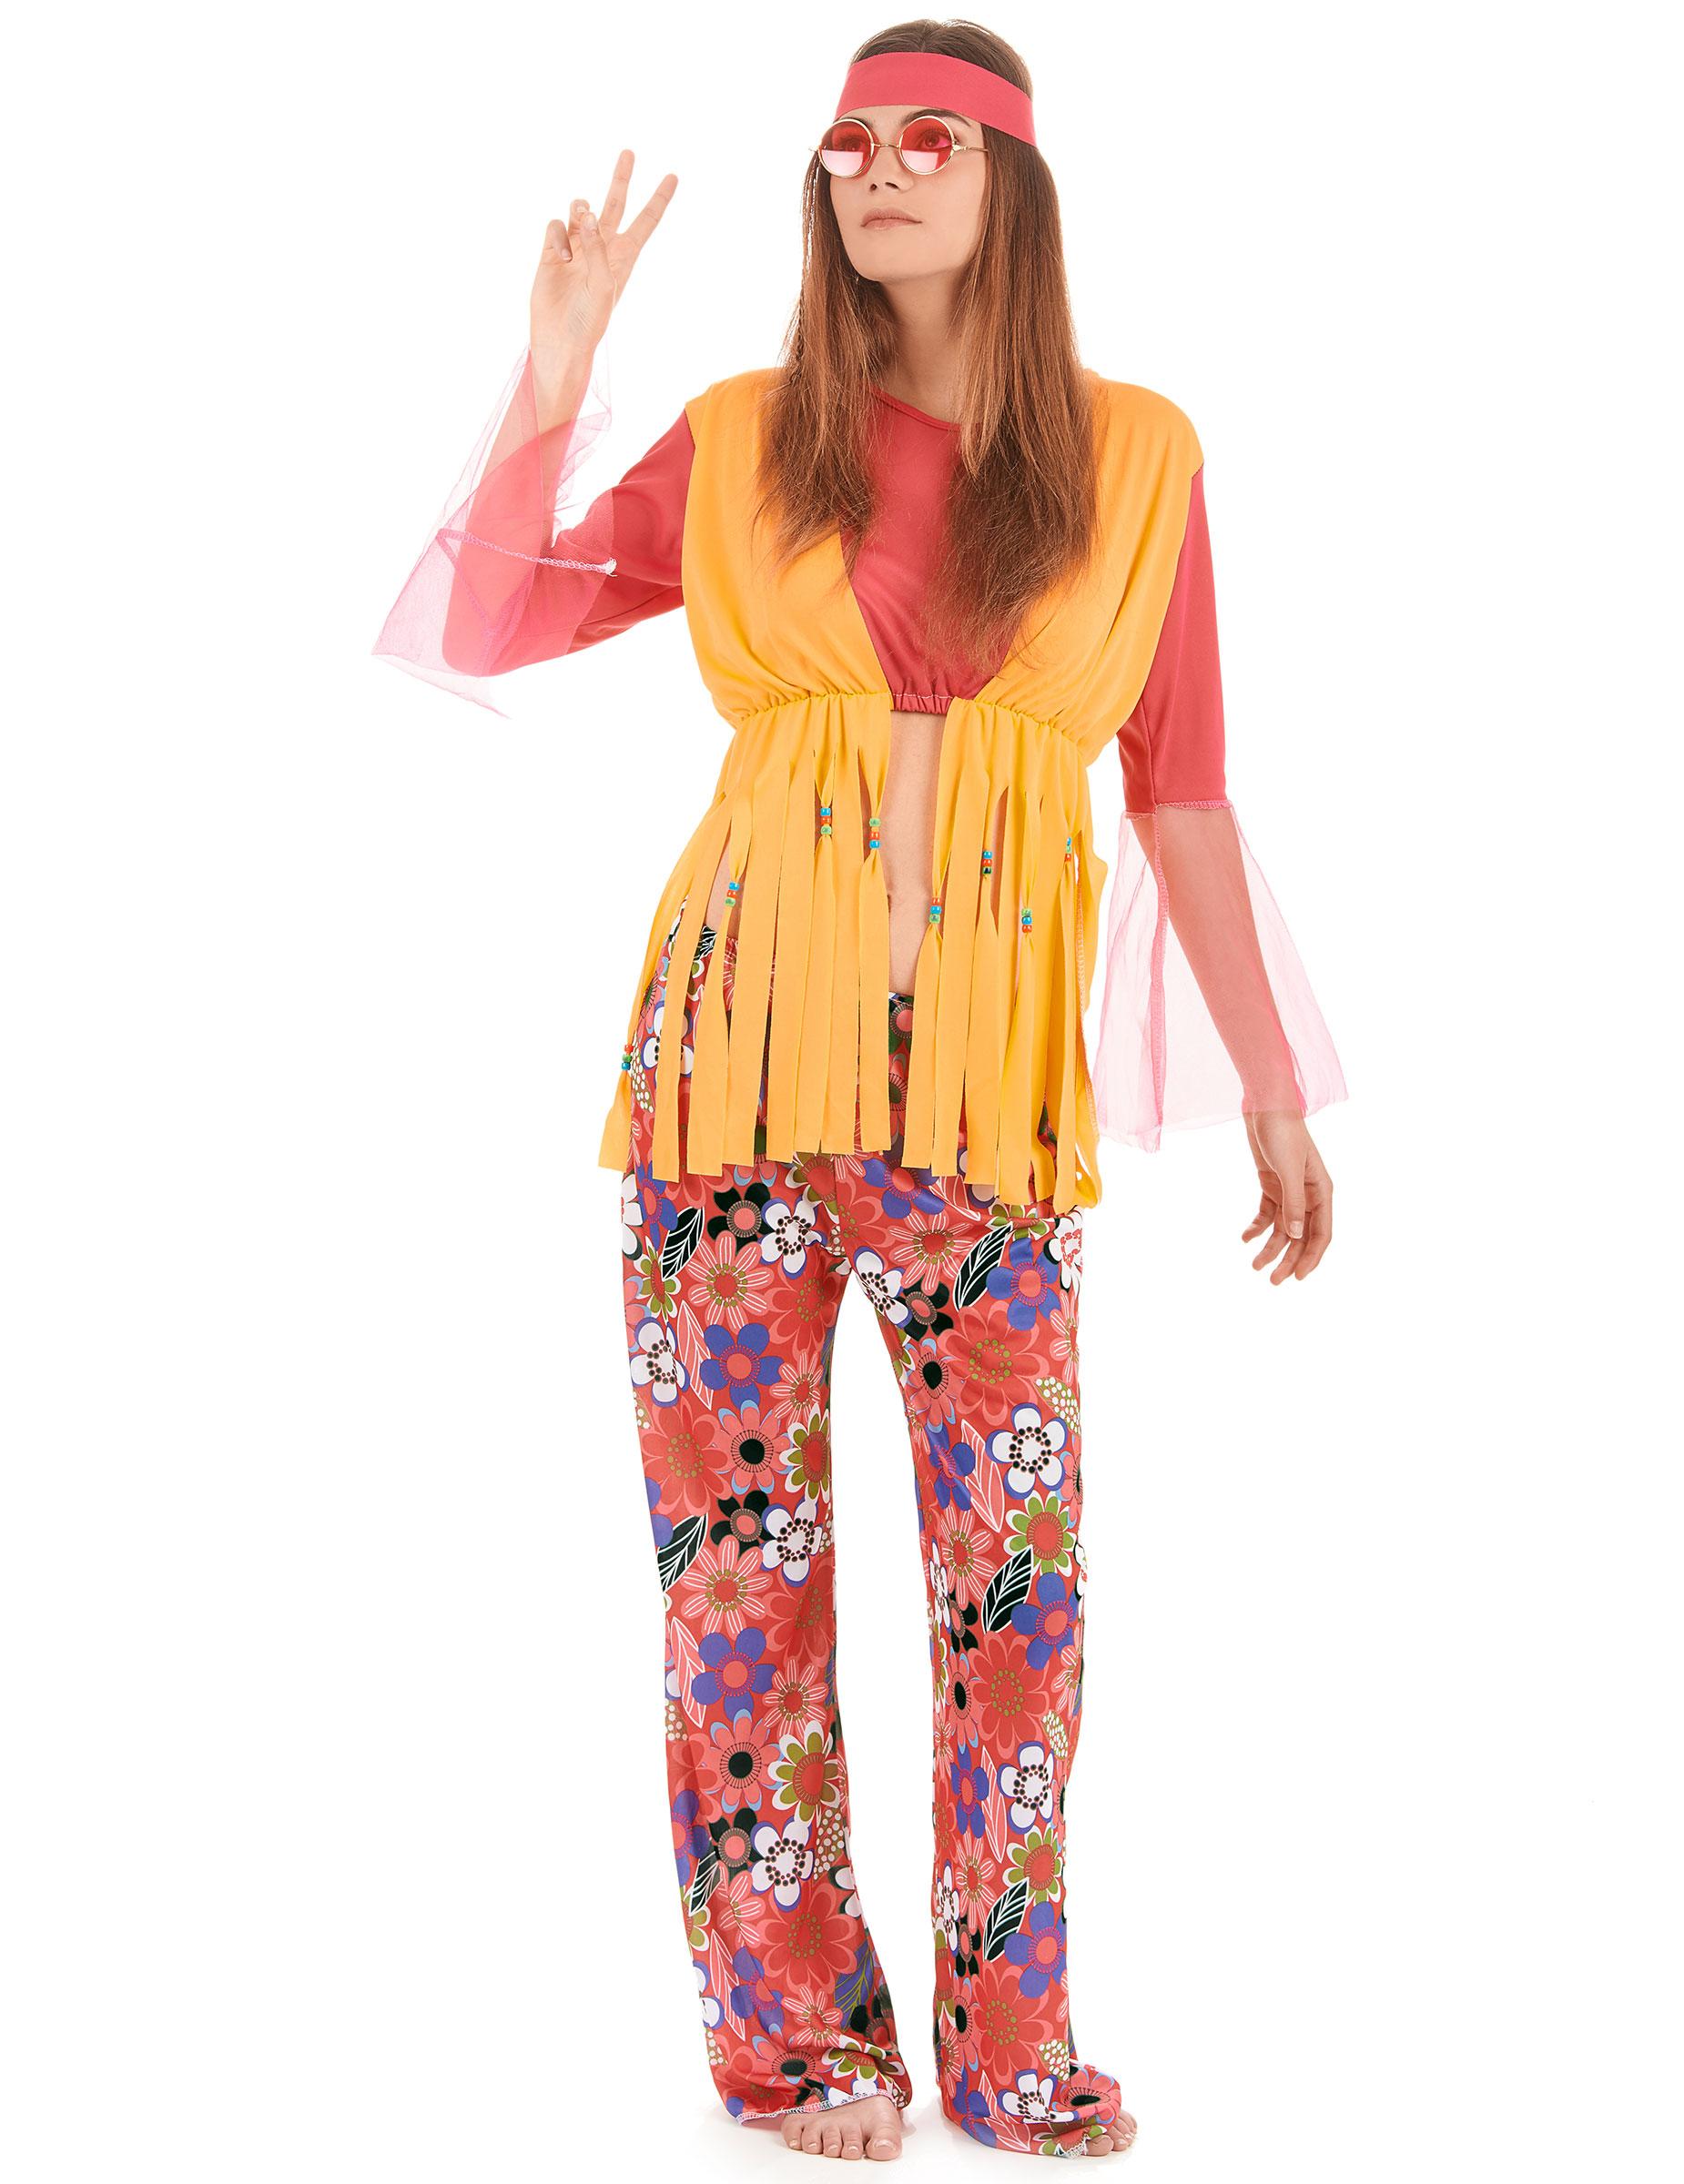 d5f6b60e804 Disfraces de Hippie y acessorios de disfraz Hippie baratos - Vegaoo.es